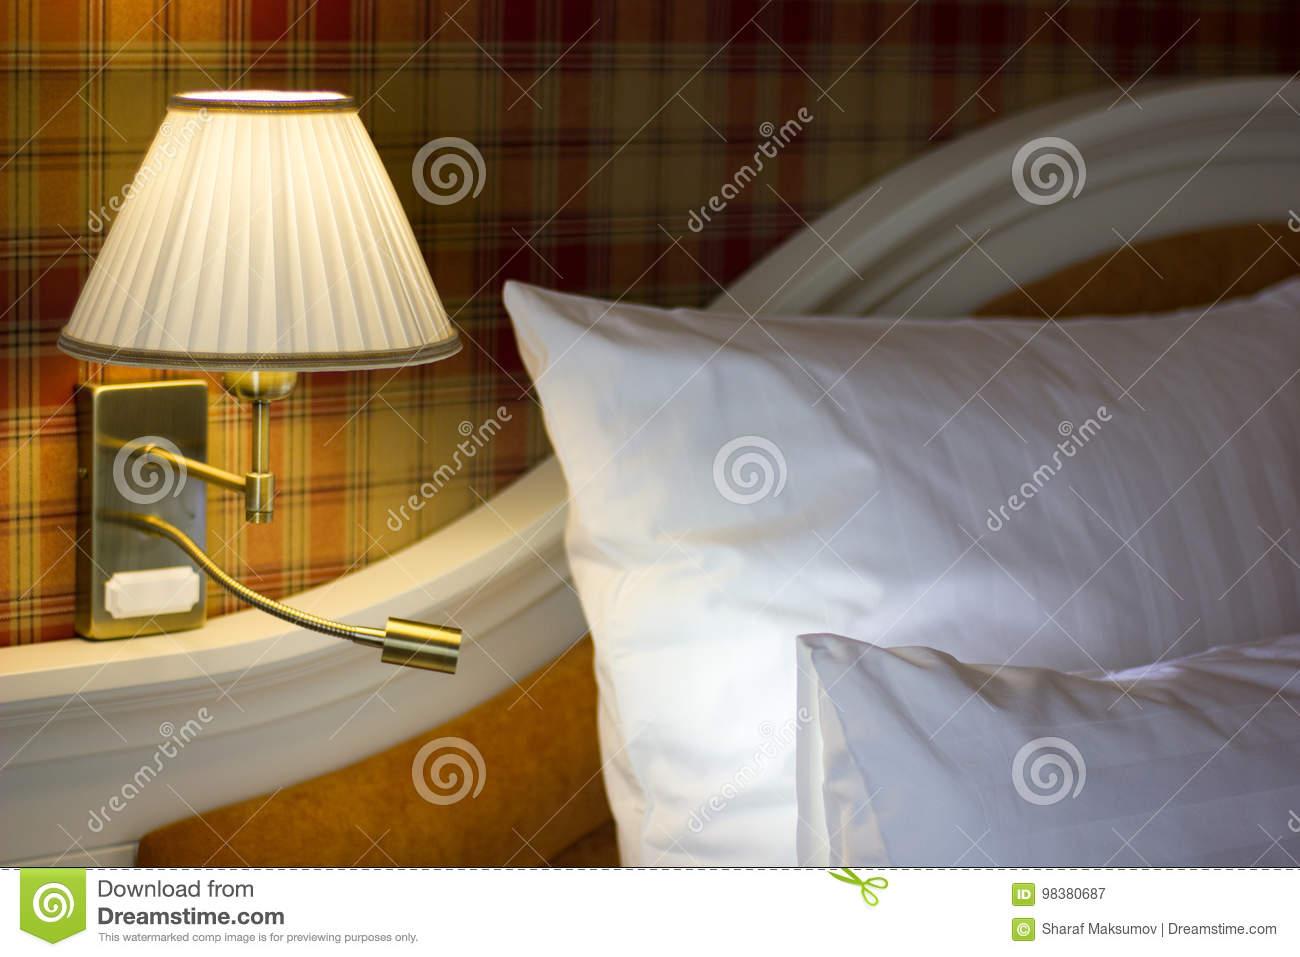 Full Size of Wandlampen Schlafzimmer Landhausstil Set Günstig Kronleuchter Komplett Weiß Günstige Schrank Regal Stuhl Für Luxus Mit überbau Komplettes Wandtattoos Wohnzimmer Wandlampen Schlafzimmer